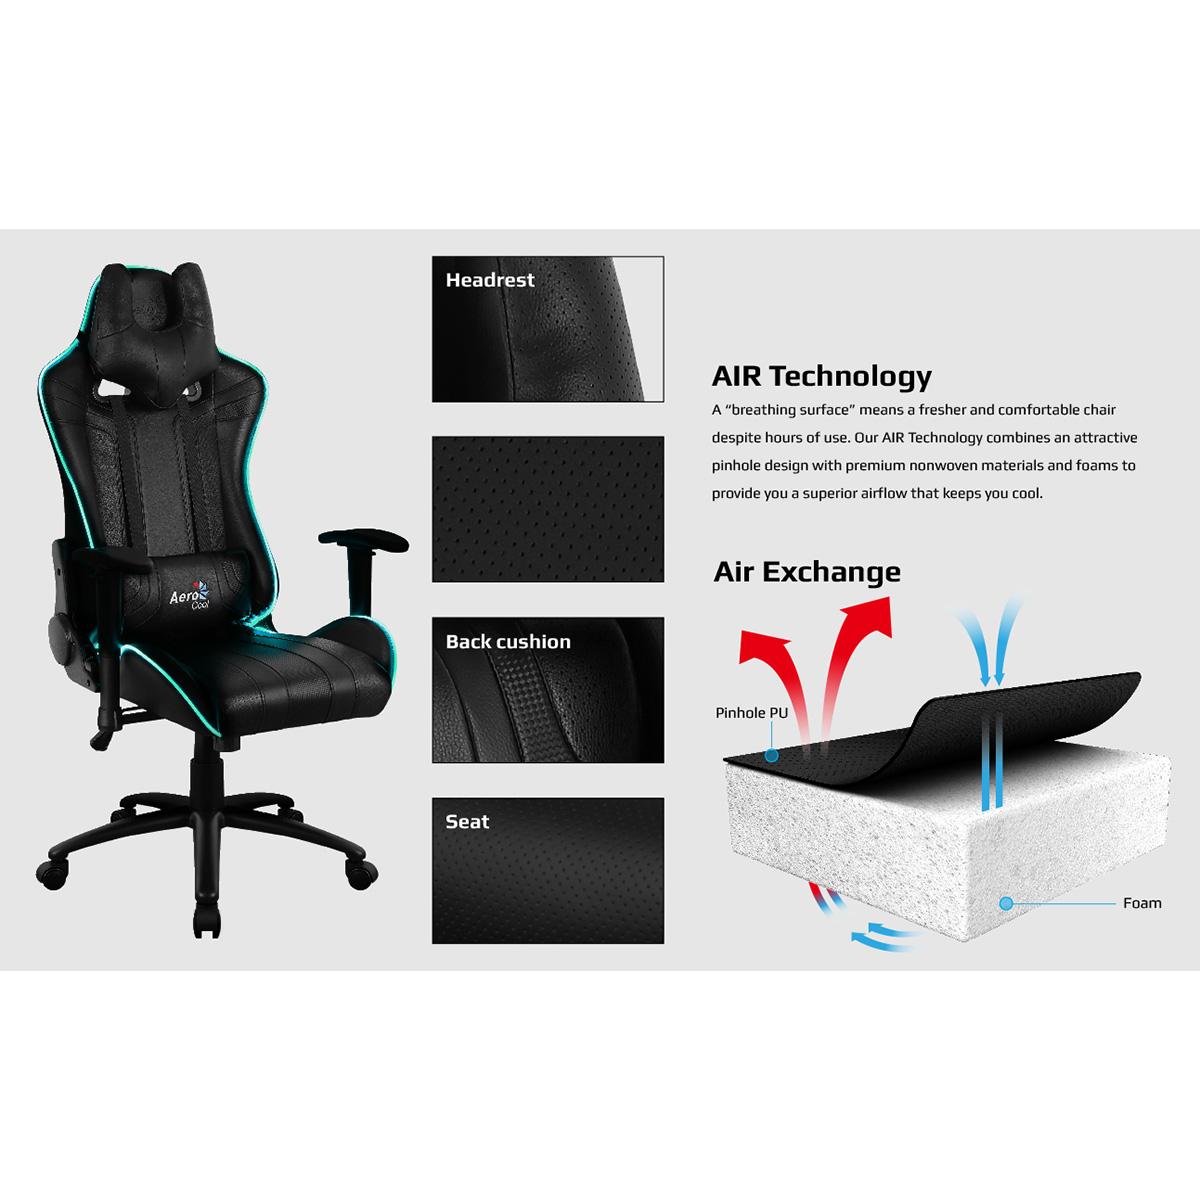 Aerocool Ac120 Air Rgb Black Gaming Chair With Air